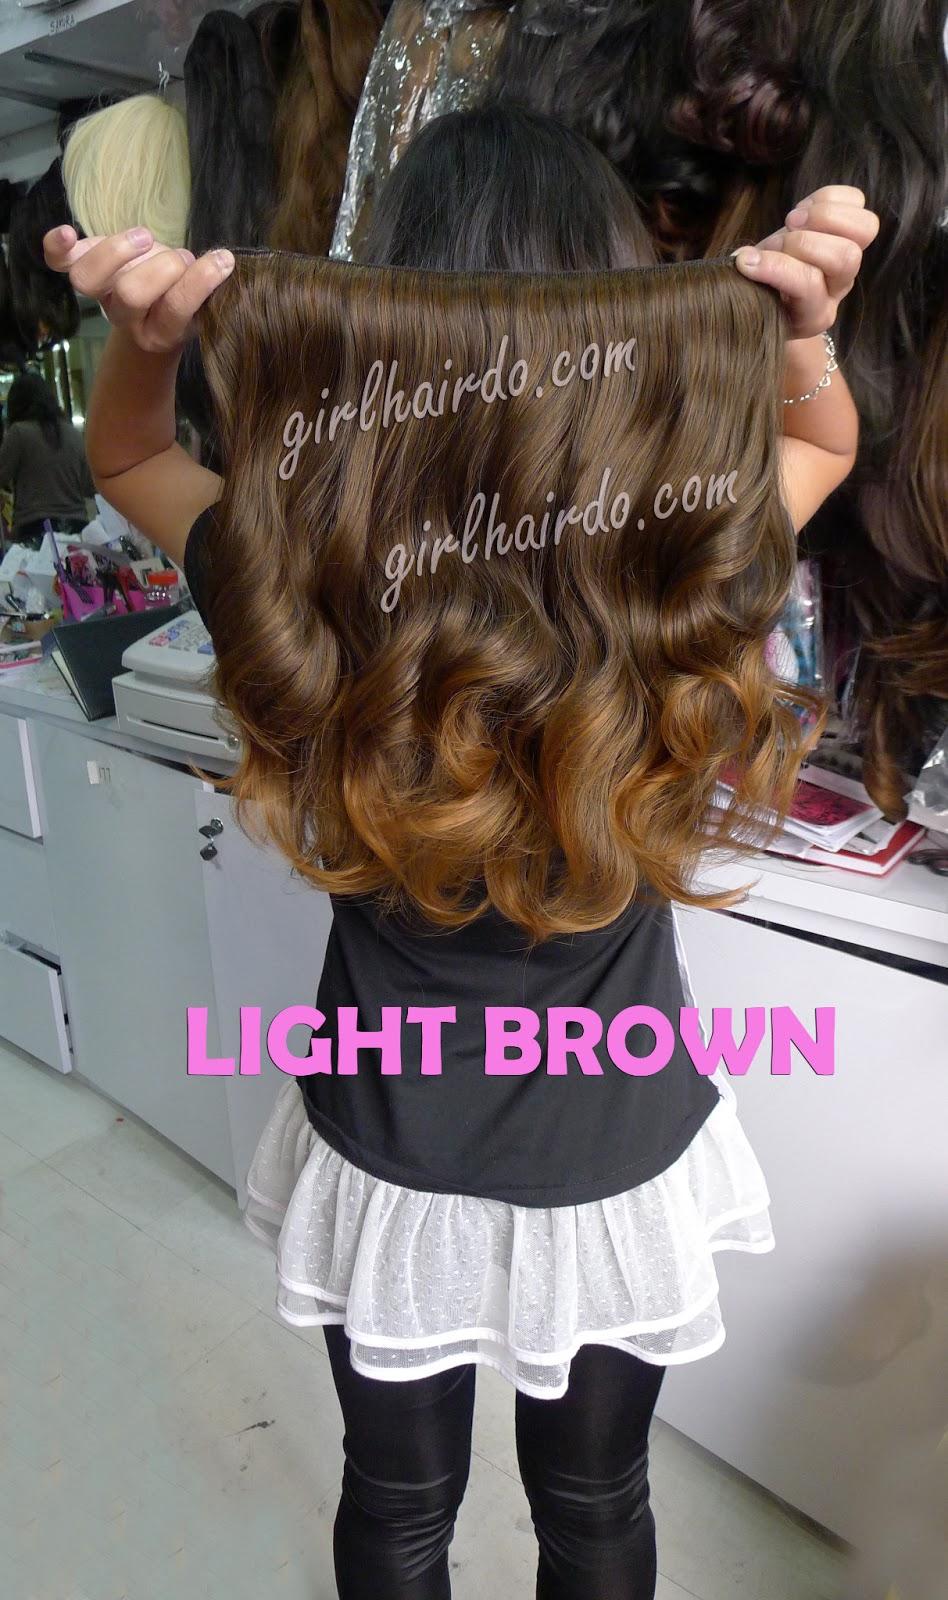 http://4.bp.blogspot.com/-dFoEy7doq08/UPfkI6BlzKI/AAAAAAAAIfw/v-NofeWzahk/s1600/076.JPG